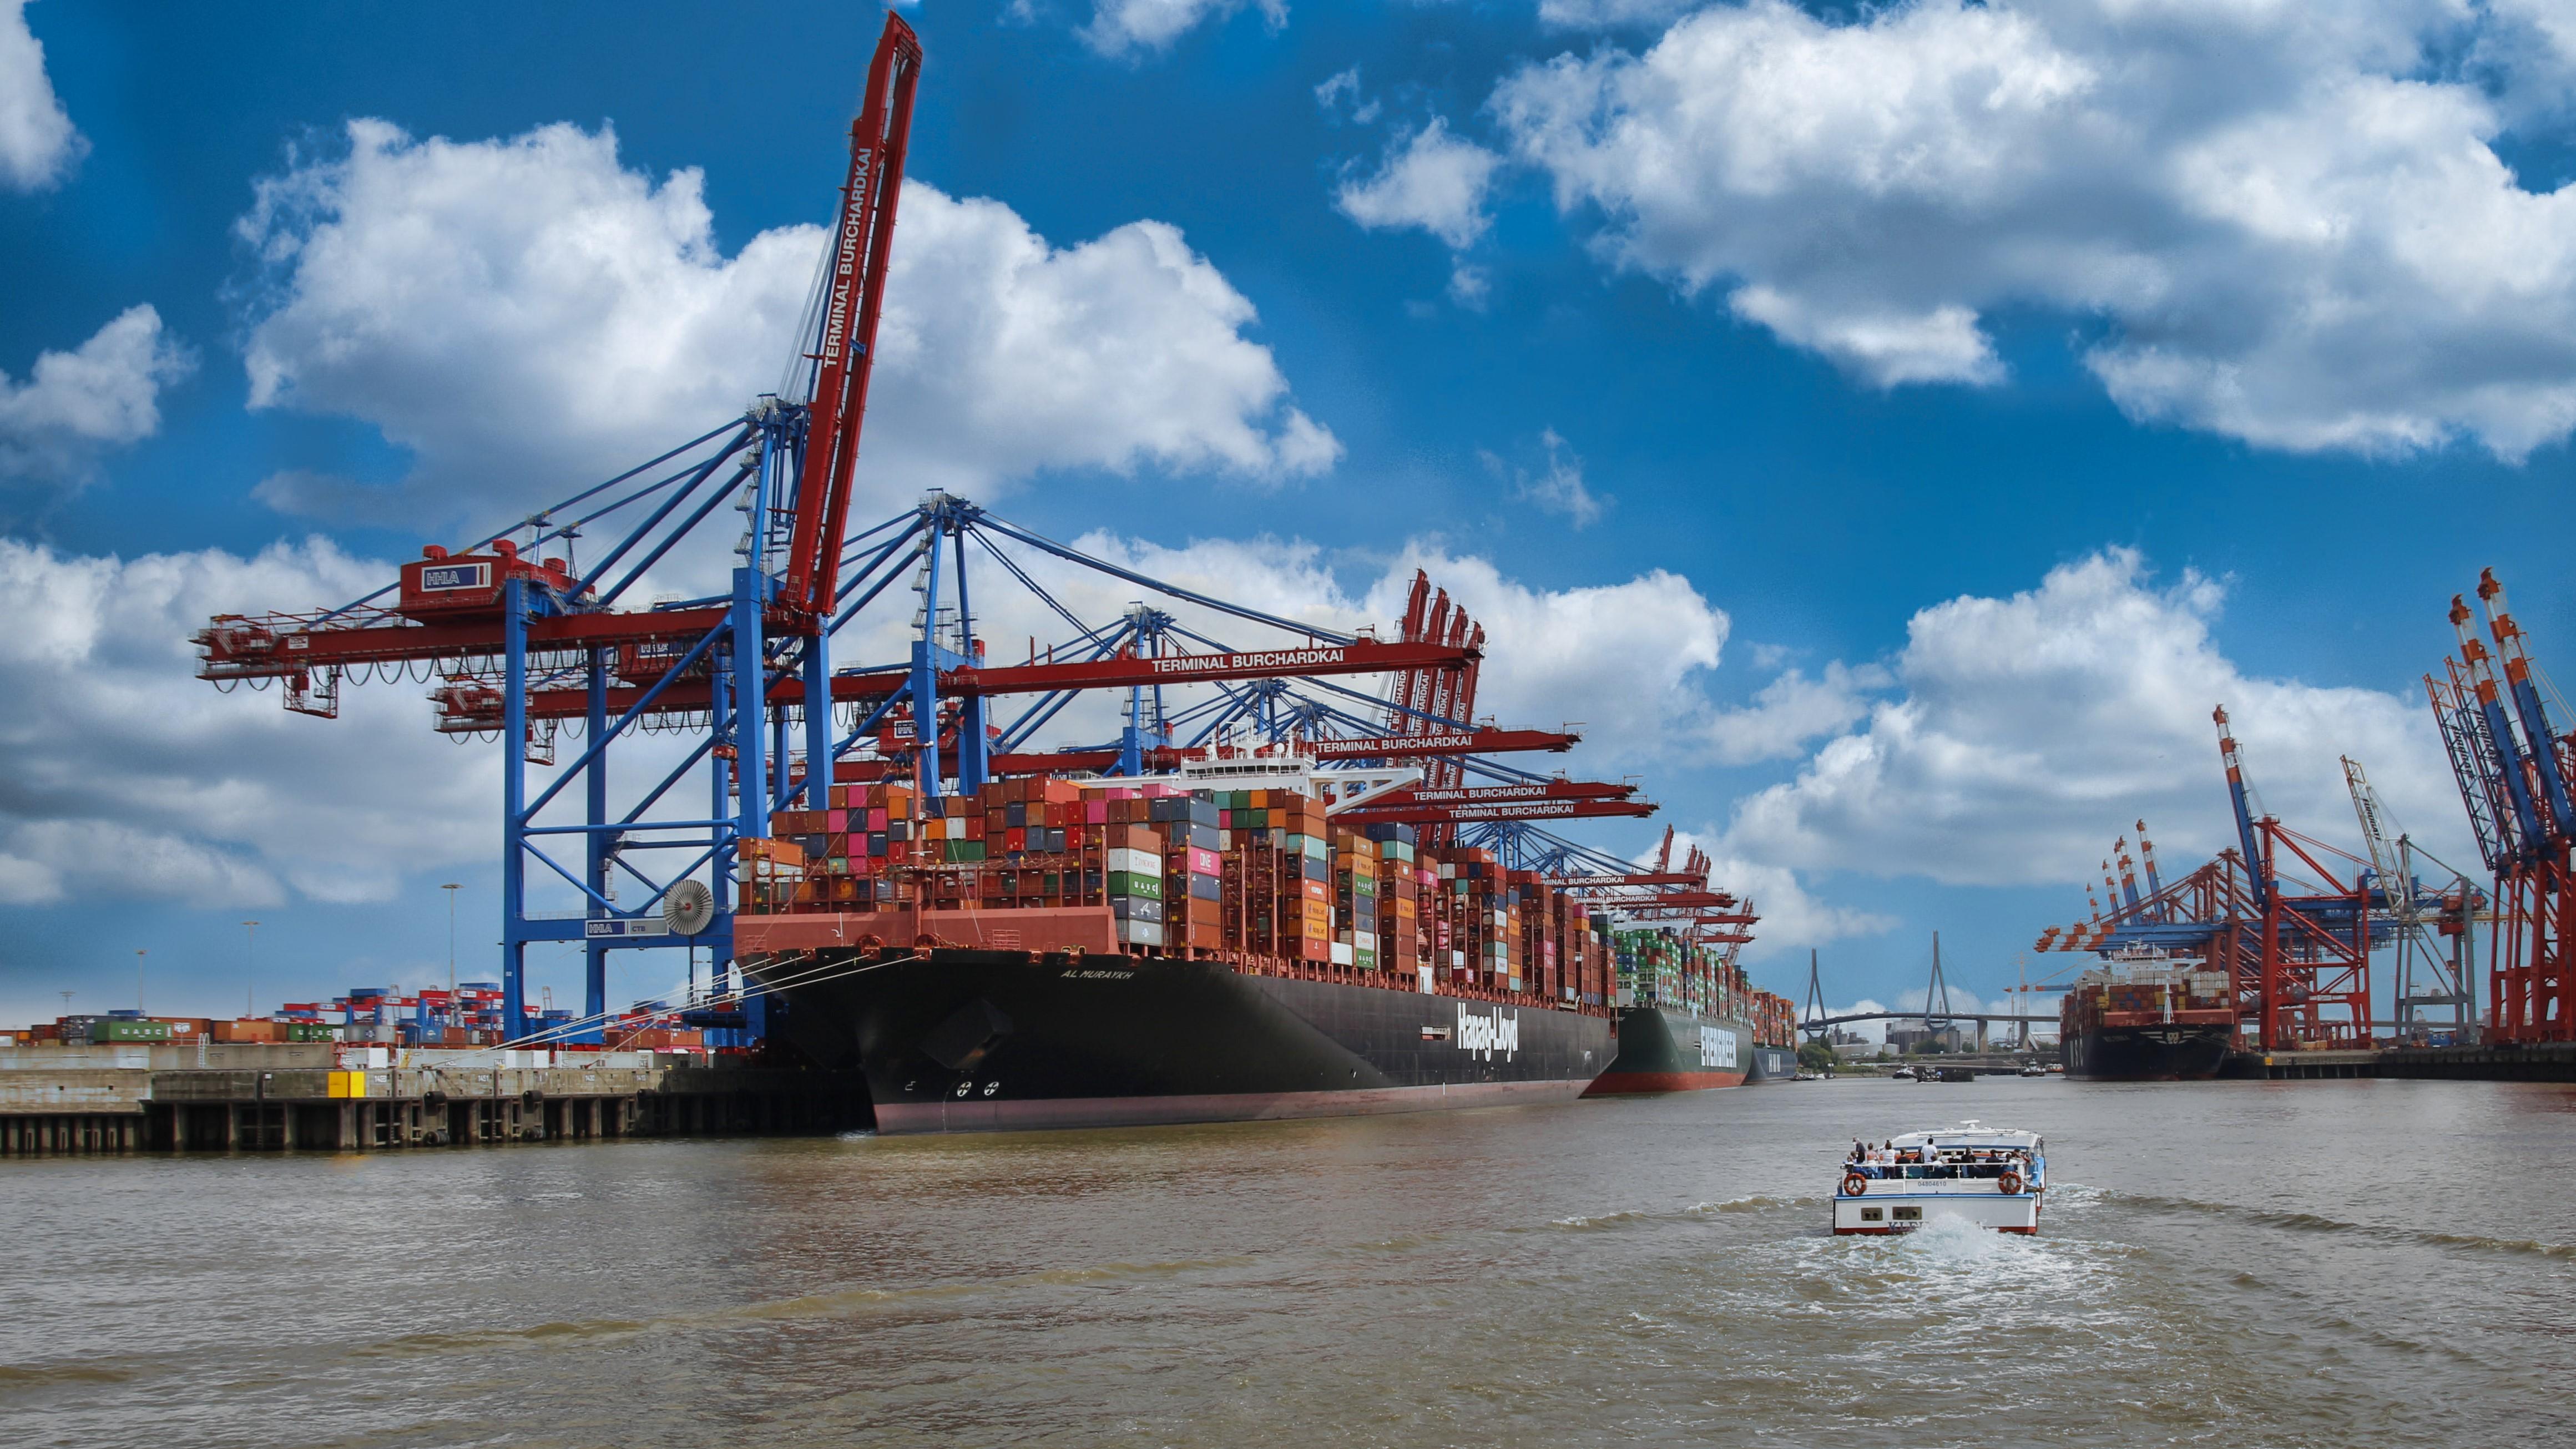 Hafenrundfahrt - Containerschiff